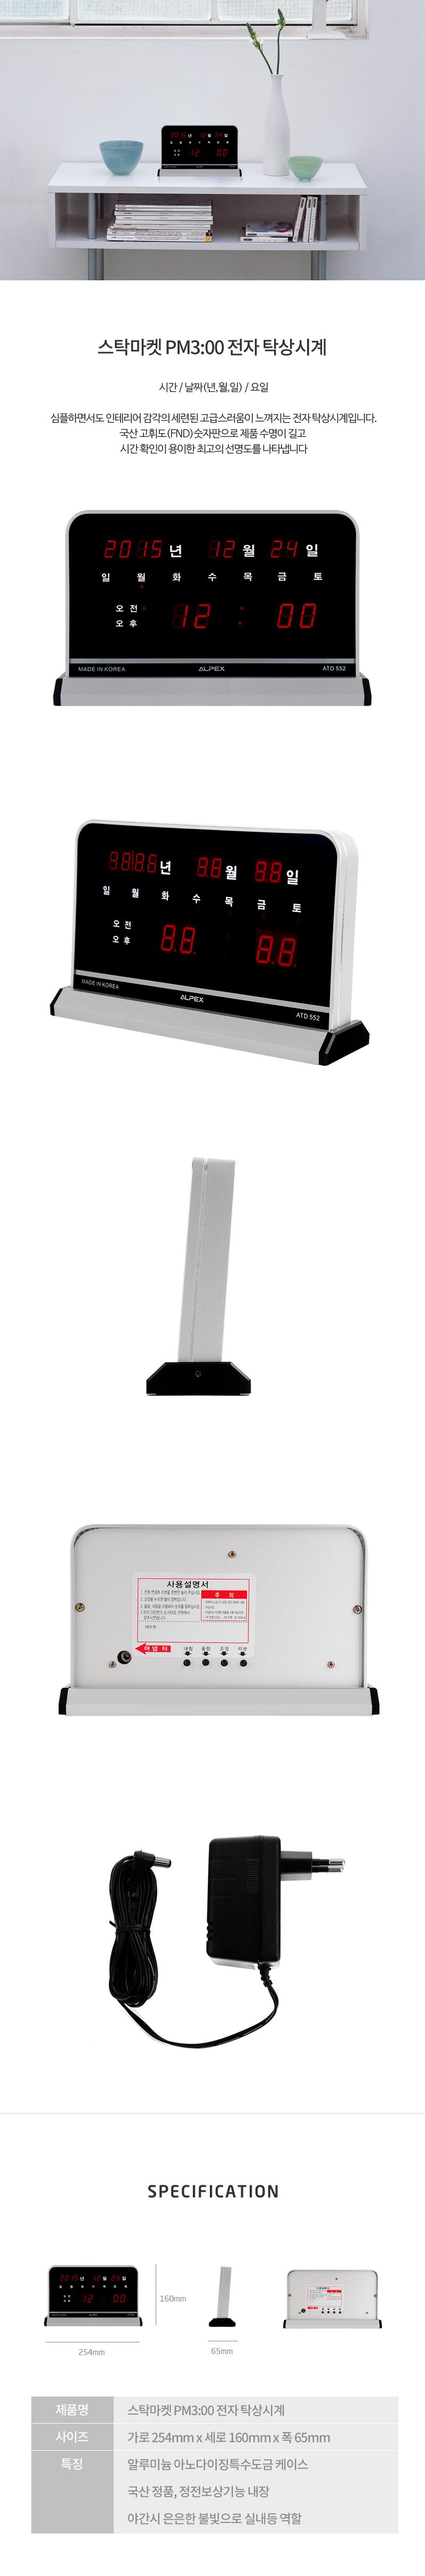 [티디씨] 스탁마켓 PM3:00 전자 탁상시계